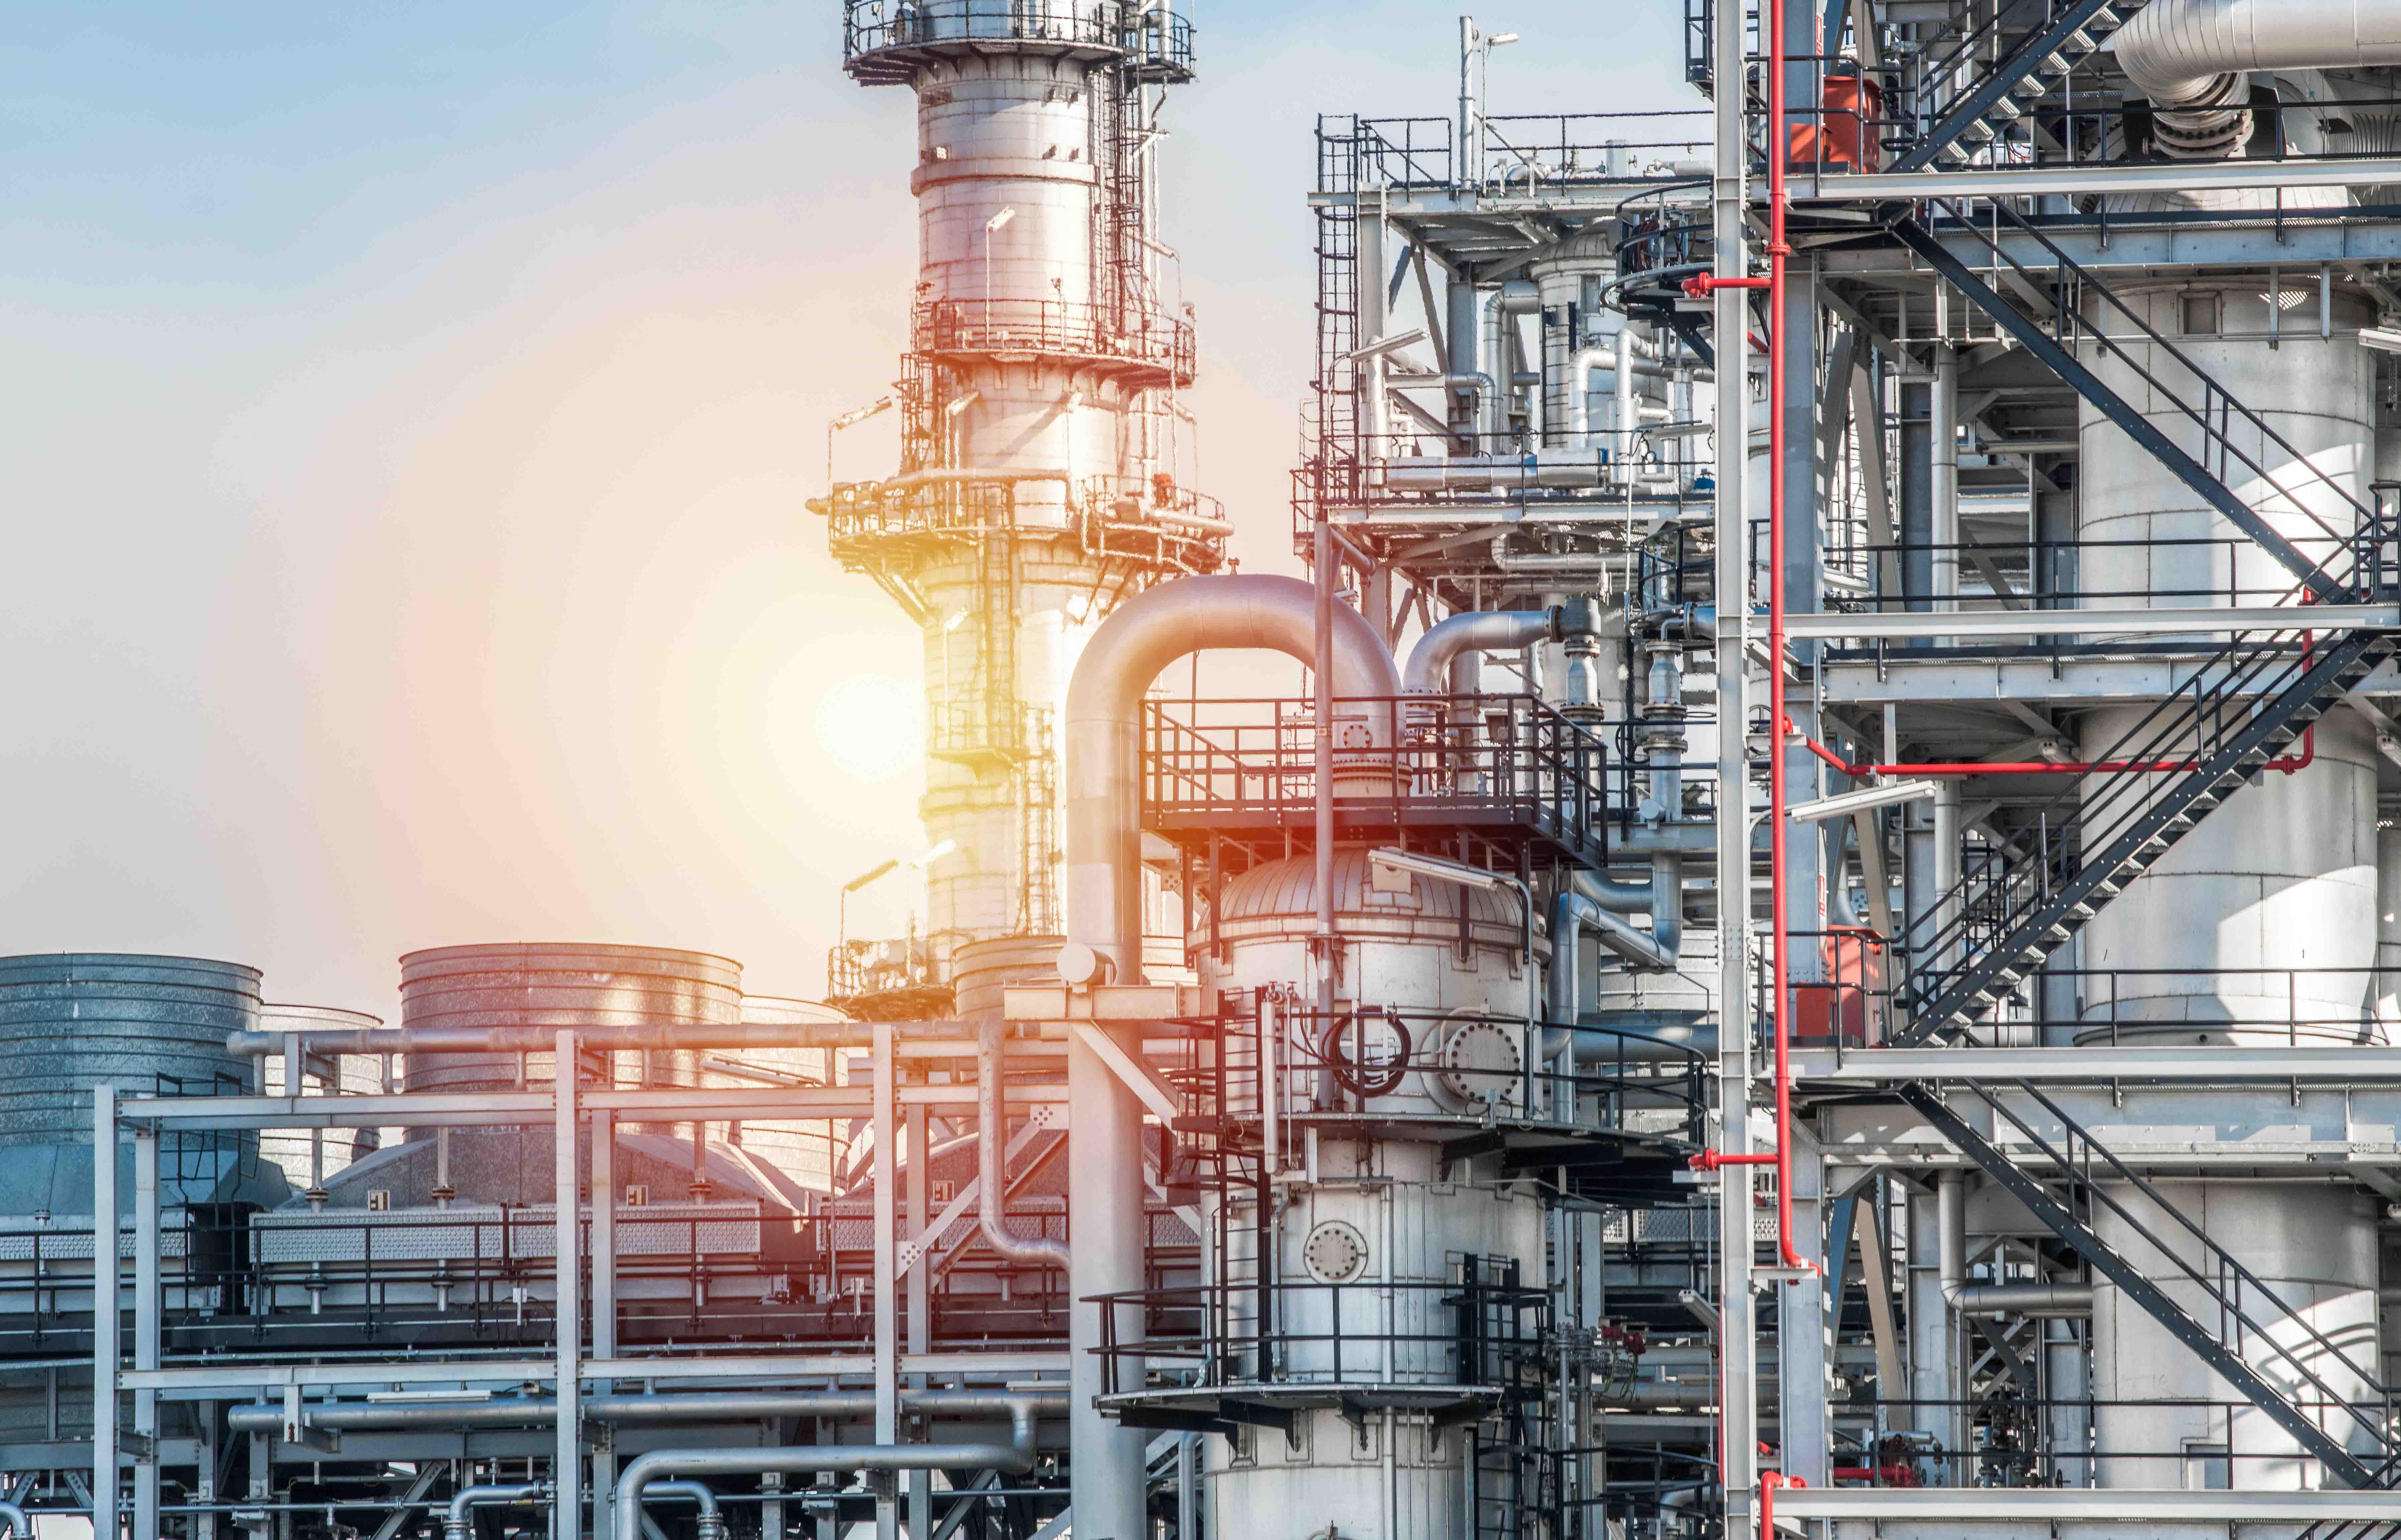 Industrial Oil refininery in sunlight